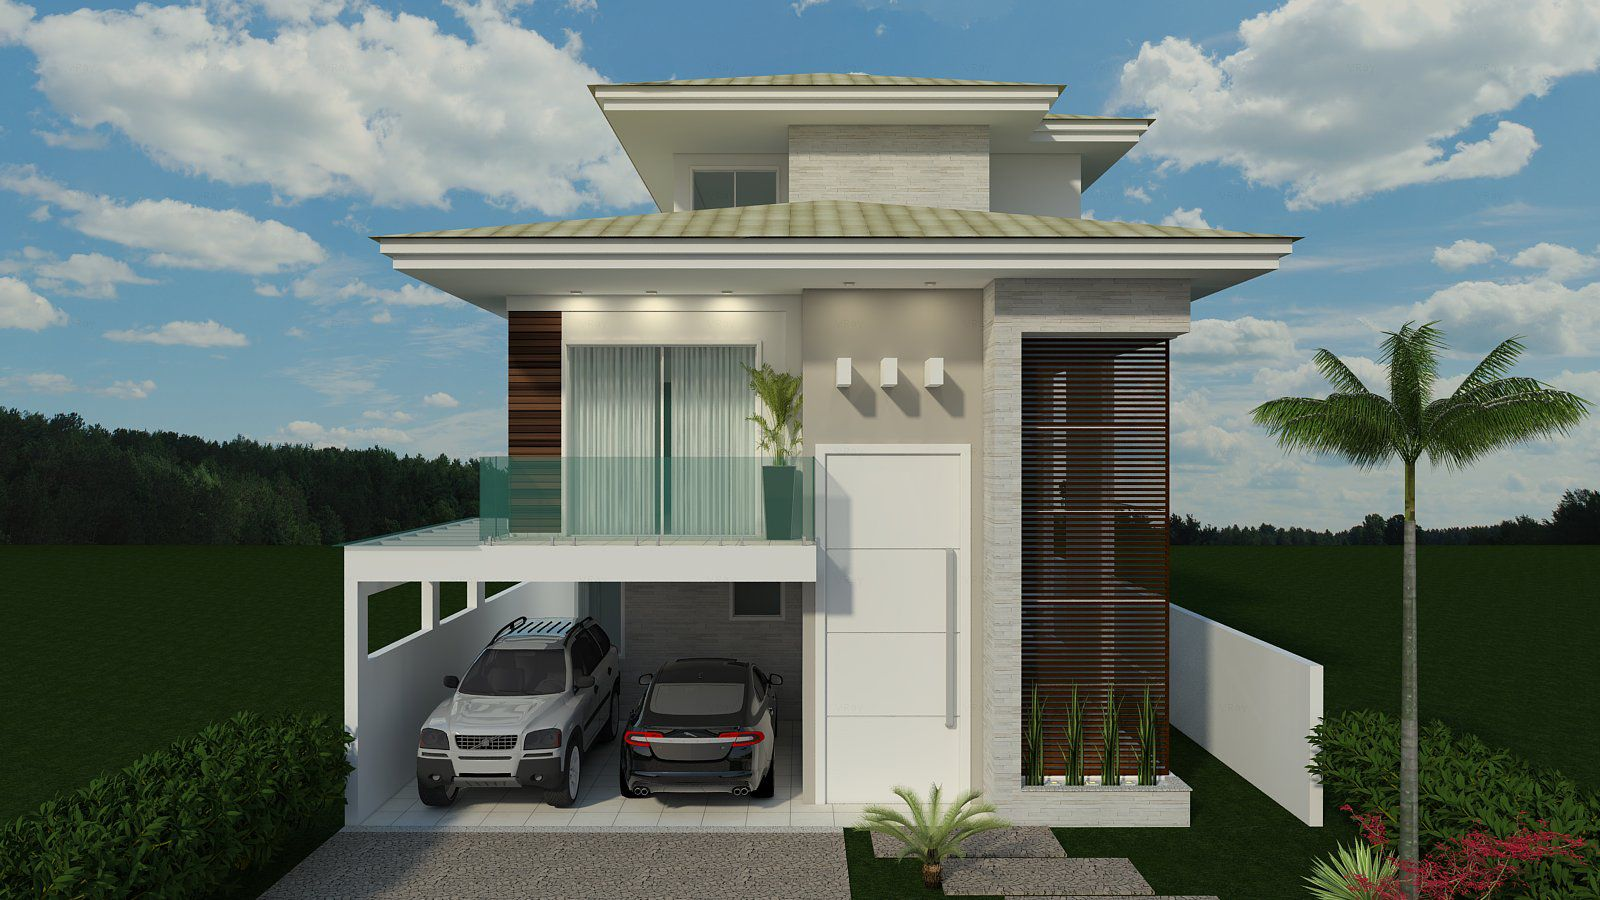 Casas modernas com telhado pesquisa google casas for Casas de container modernas